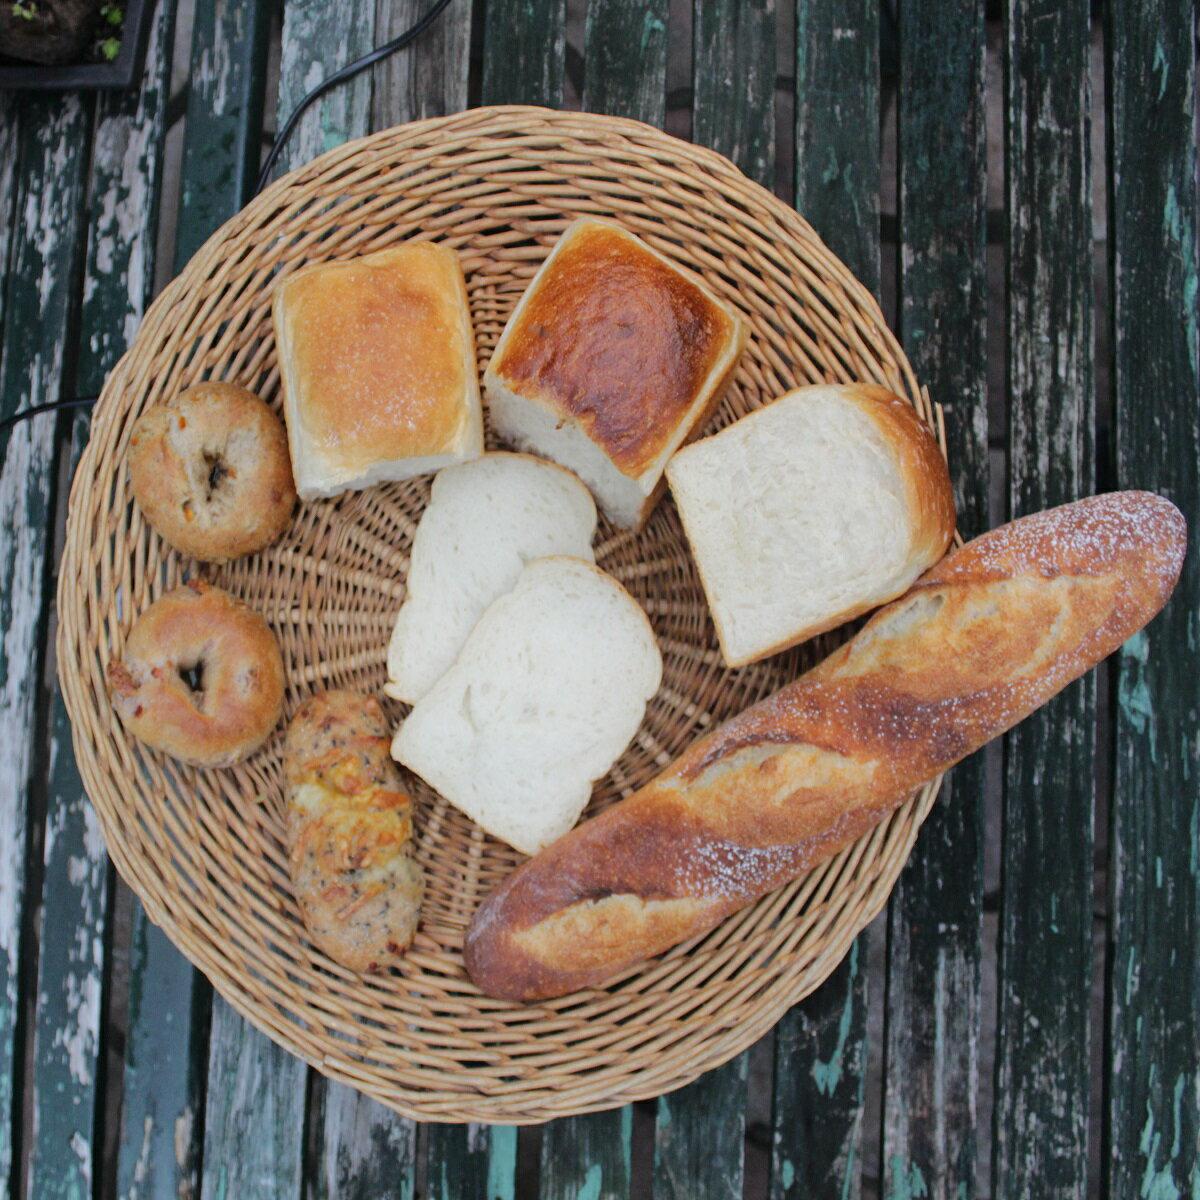 【ふるさと納税】天然酵母の石窯焼きパン(食パン食べ比べセット)